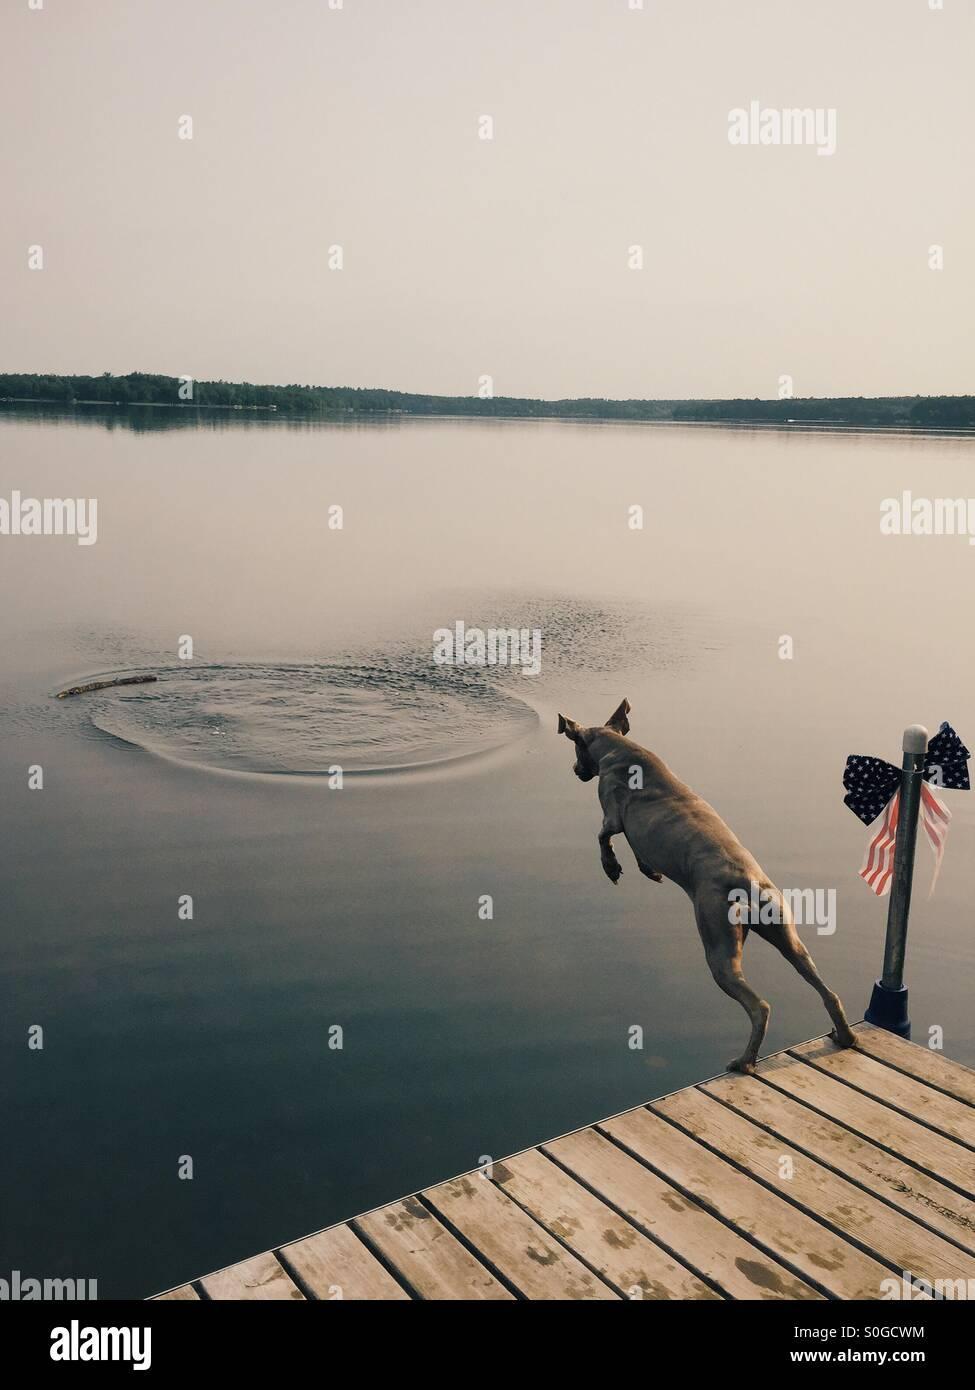 Hund springt in See, um einen Stock zu holen Stockbild